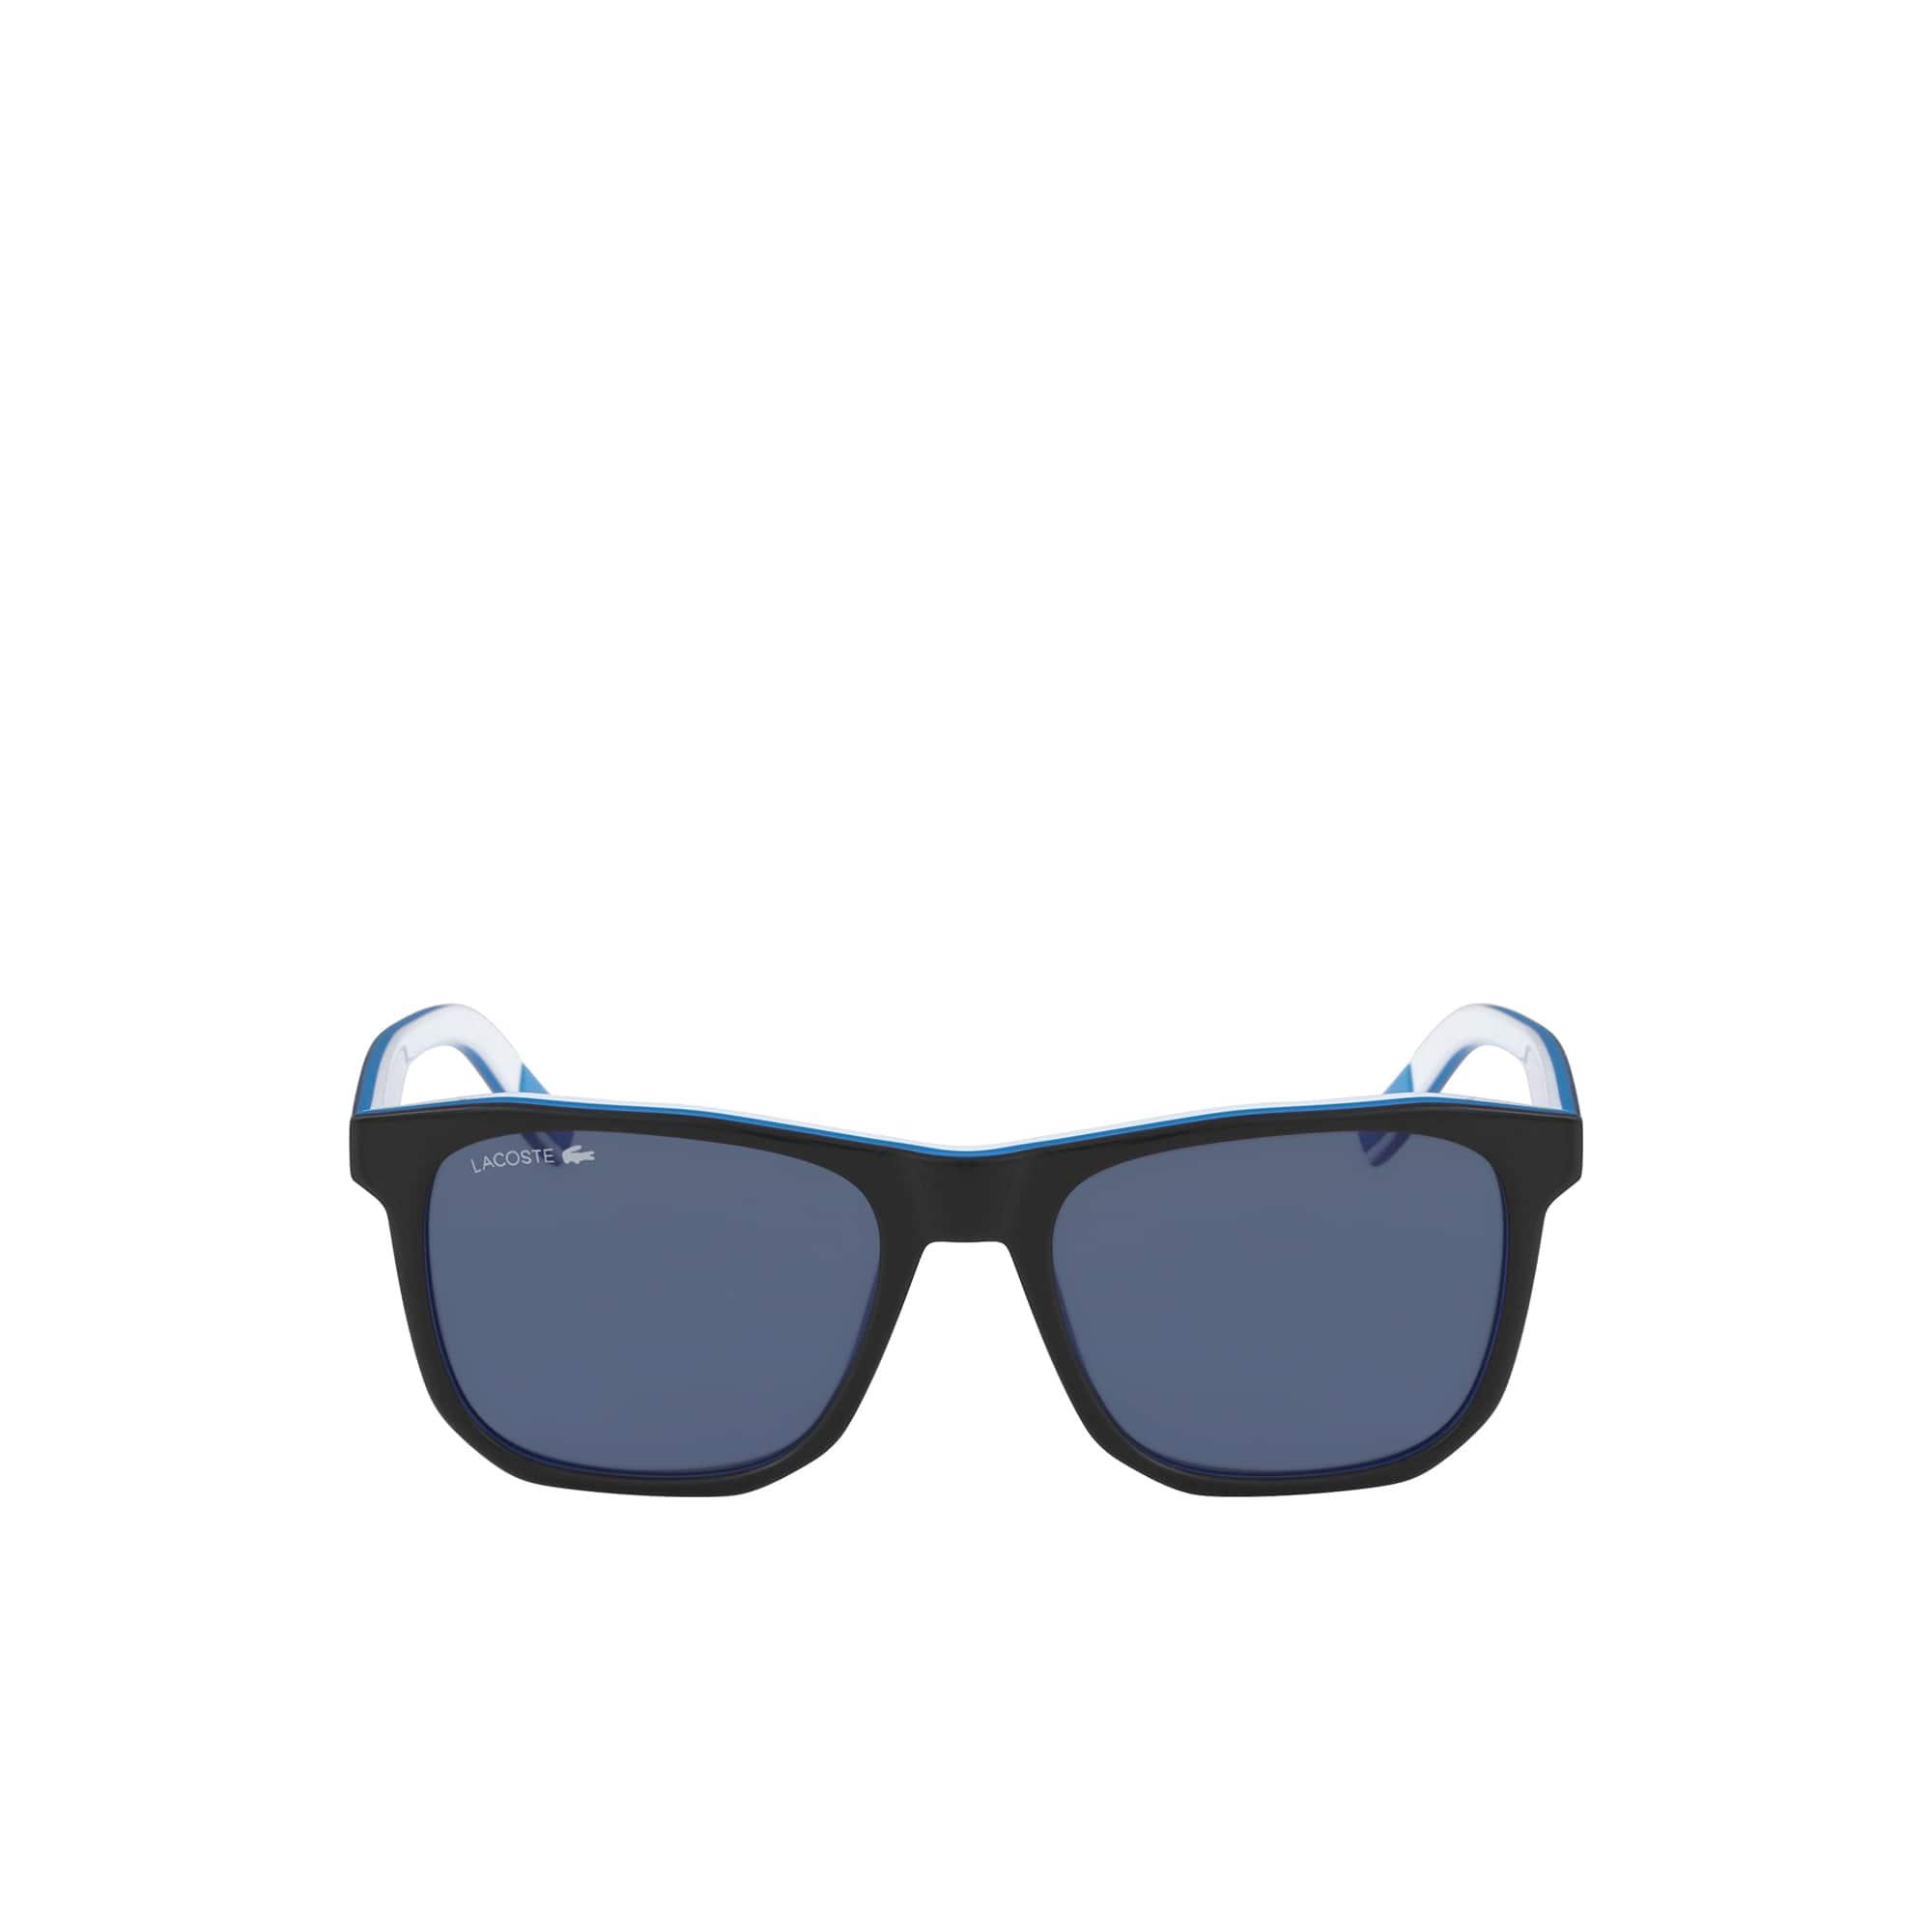 Herren Streifen & Paspeln - LT12 Sonnenbrille mit Acetatrahmen